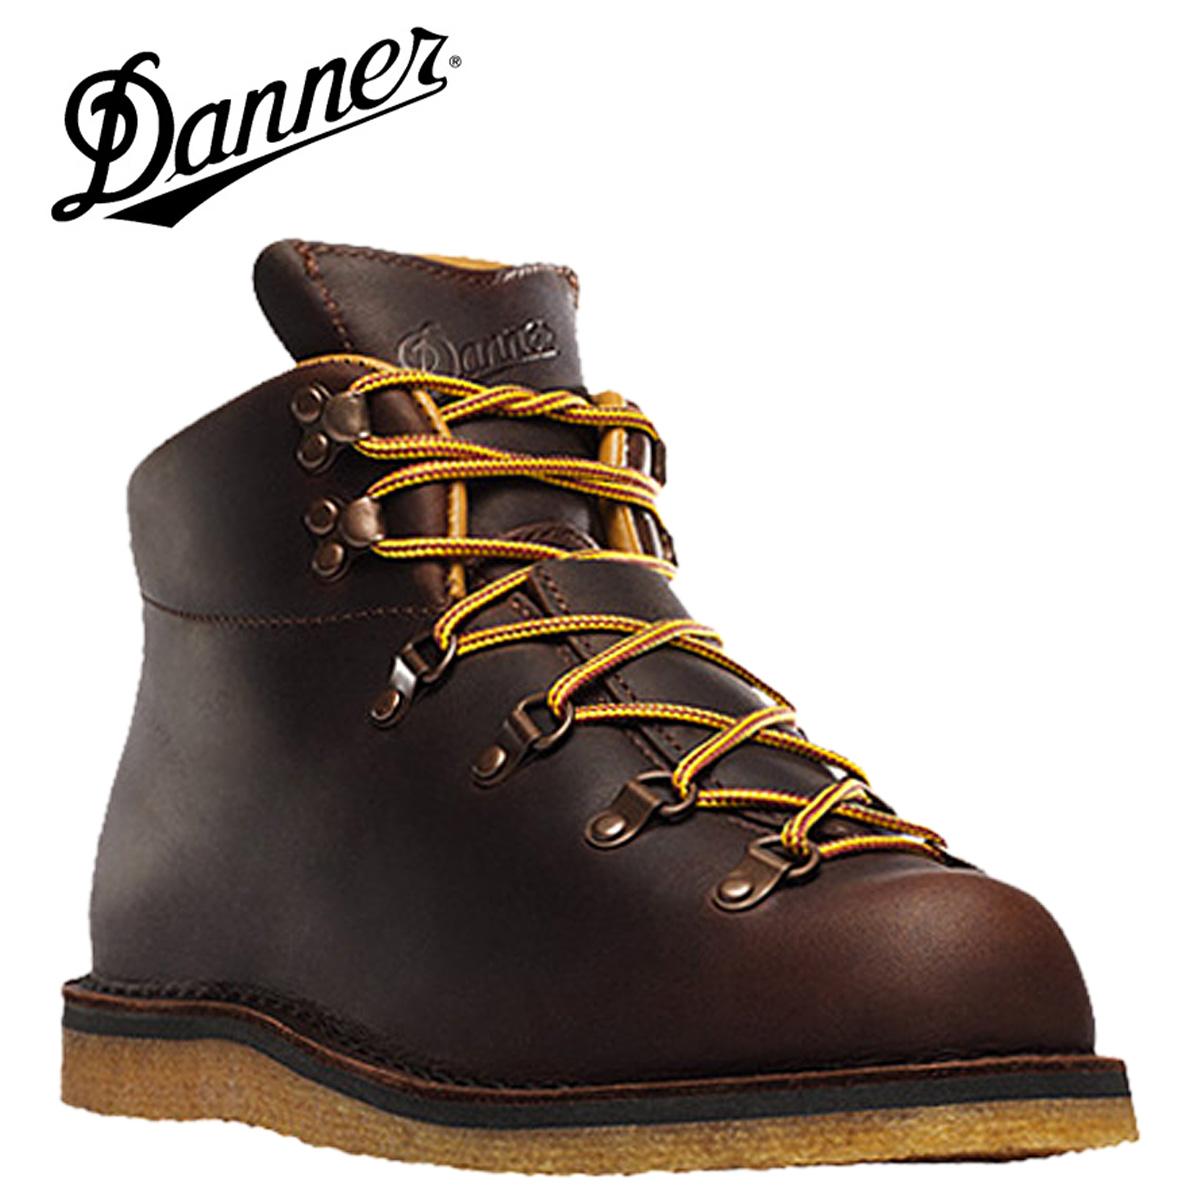 ダナー マウンテントレイル ブーツ Danner MOUNTAIN TRAIL LOTUS ISLE 30534 EEワイズ メンズ